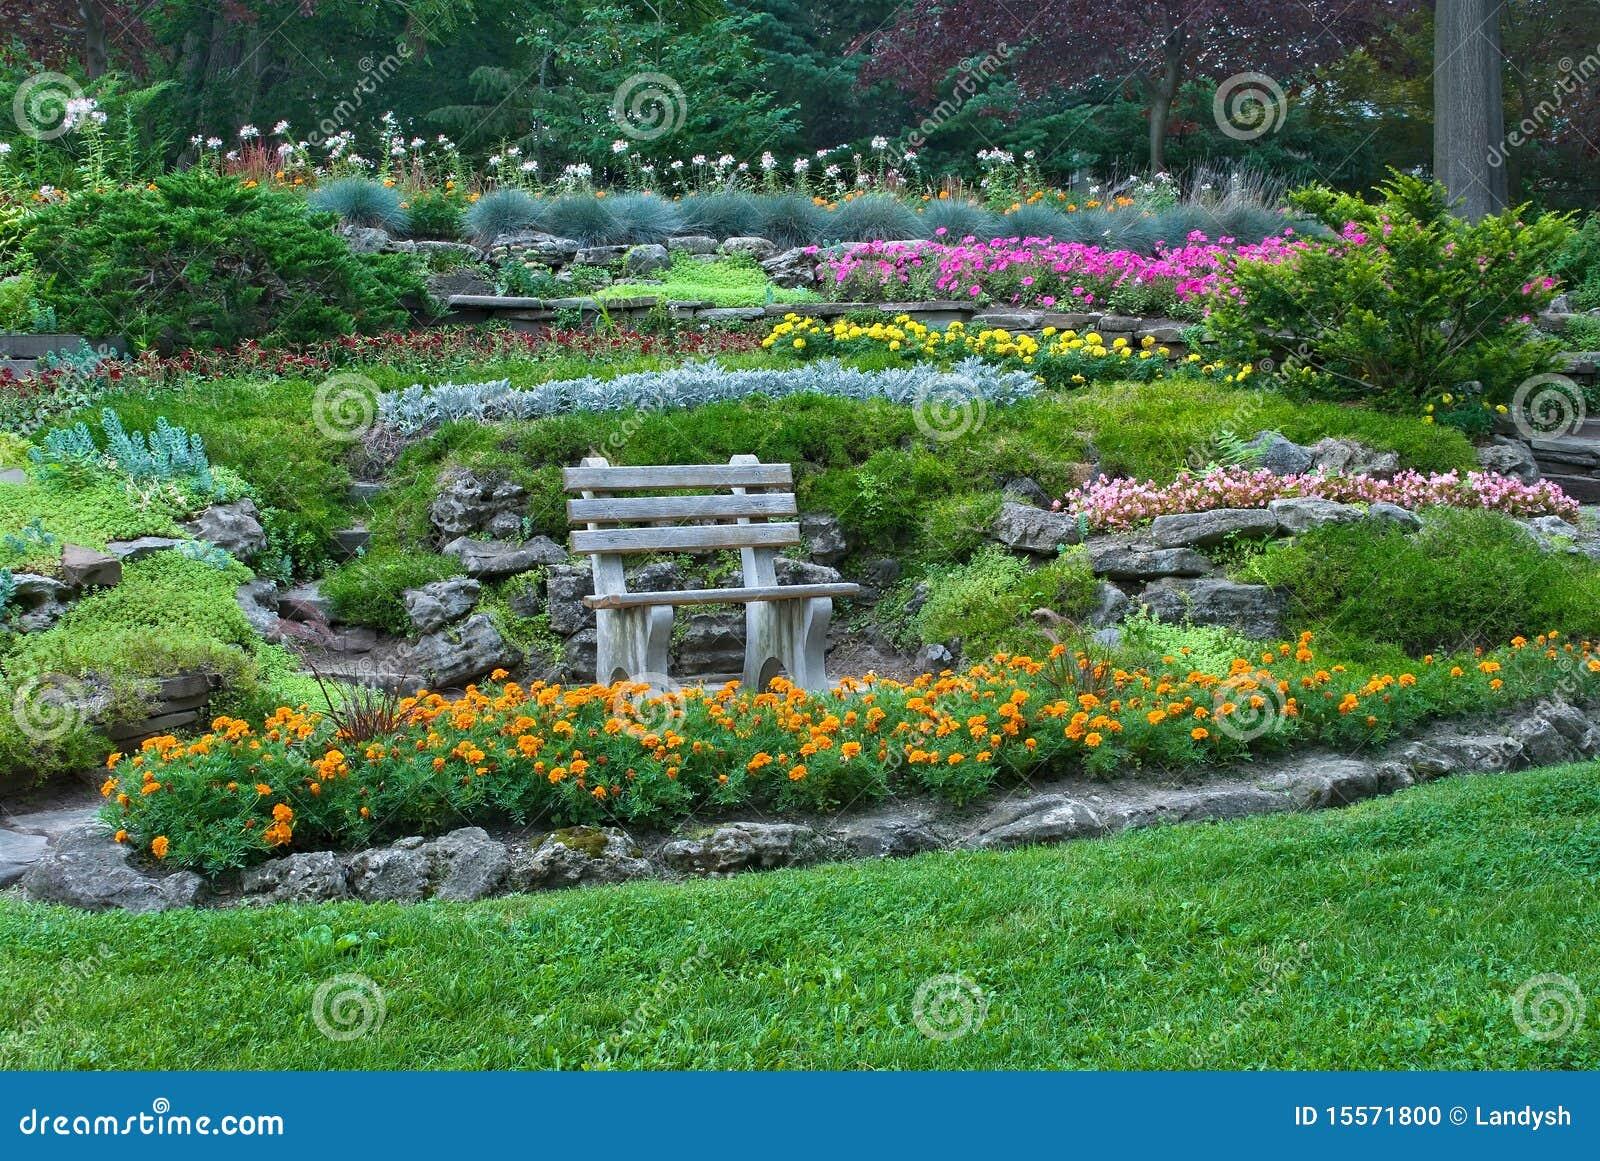 flores para jardim verao : flores para jardim verao:de madeira cercado pelo jardim do verão com flores e as plantas de